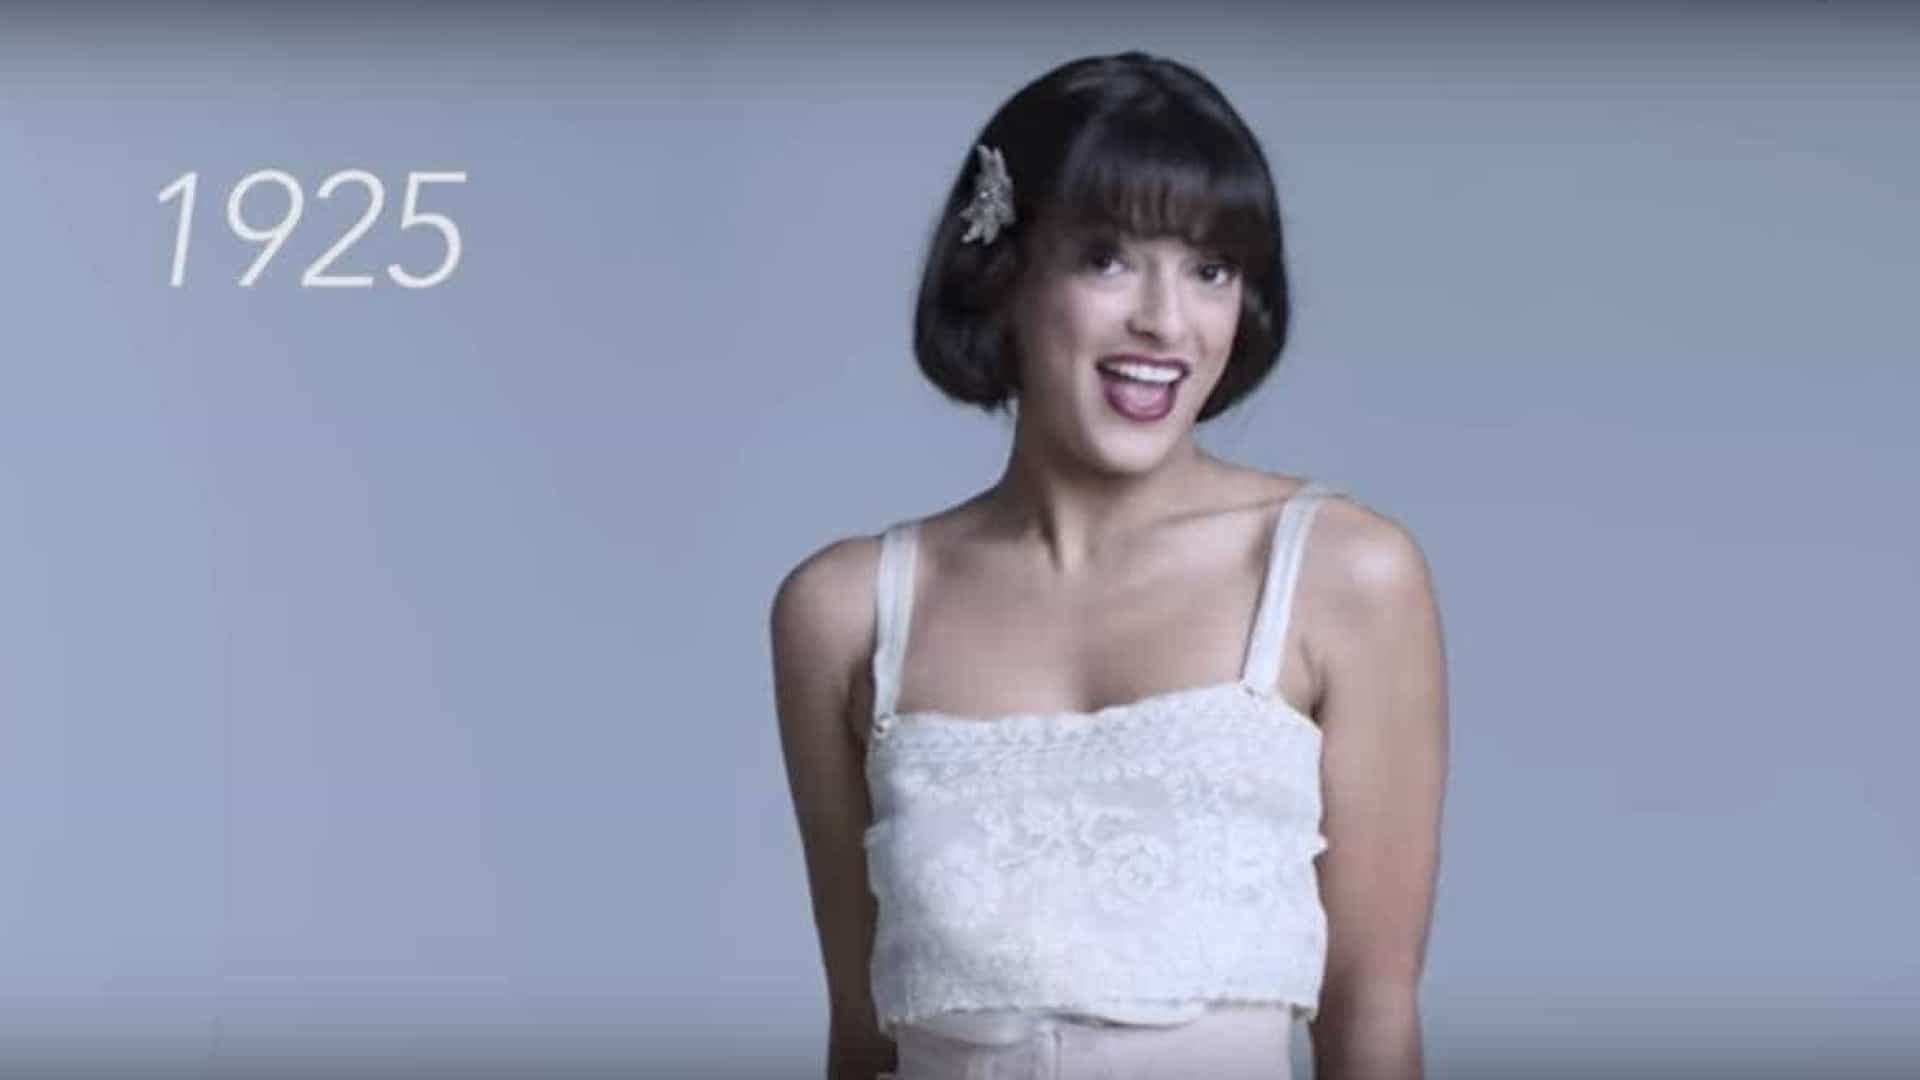 Veja os 100 anos de evolução da lingerie feminina 12f92a20c63